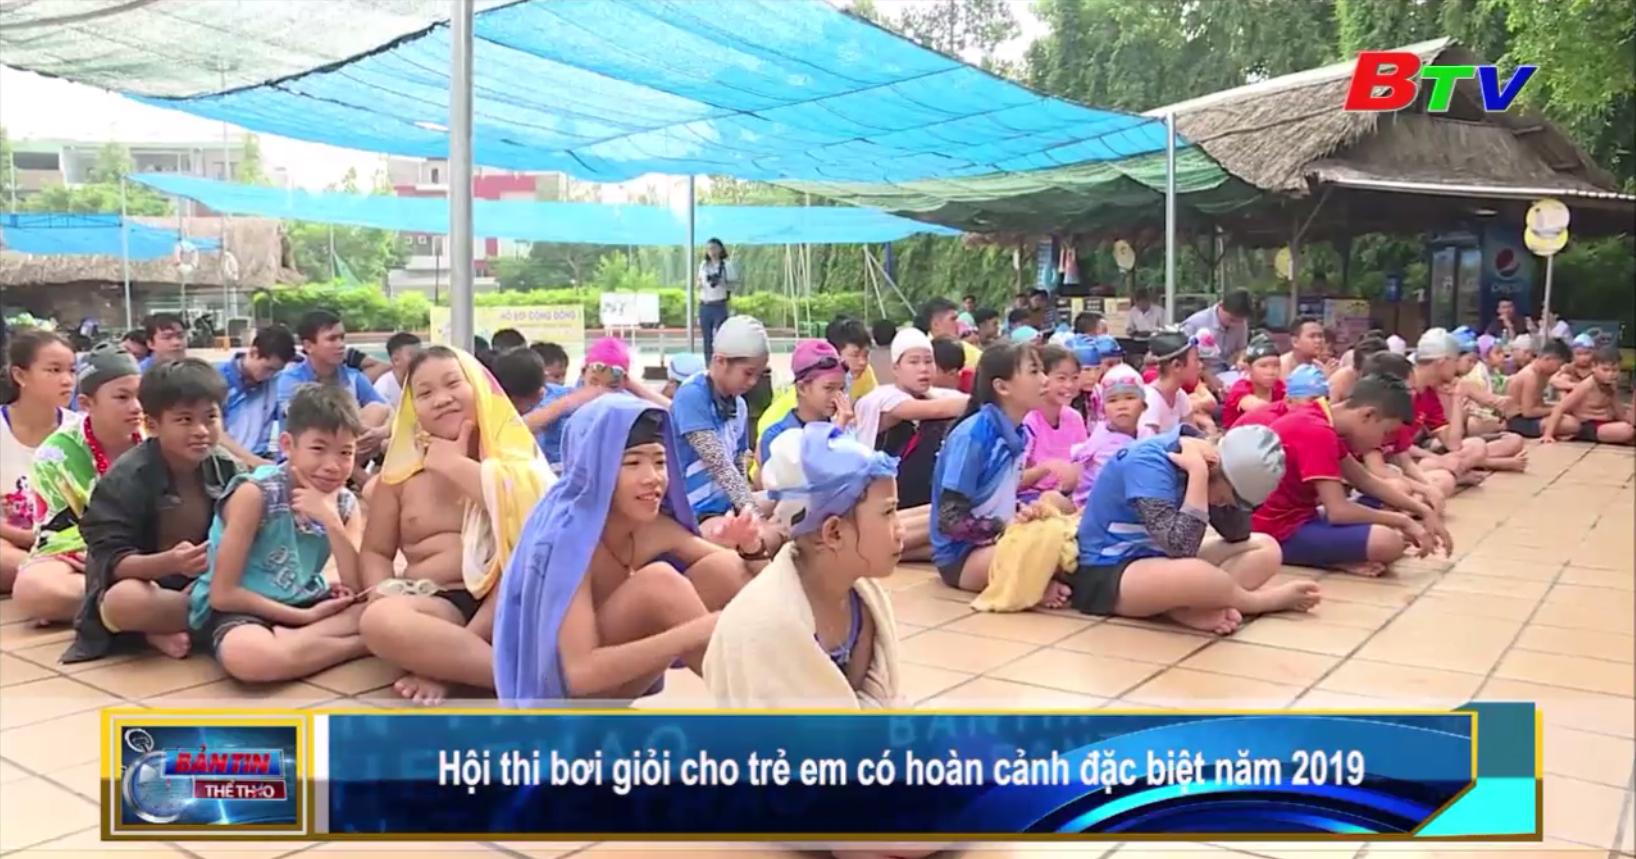 Hội thi bơi giỏi cho trẻ em có hoàn cảnh đặc biệt